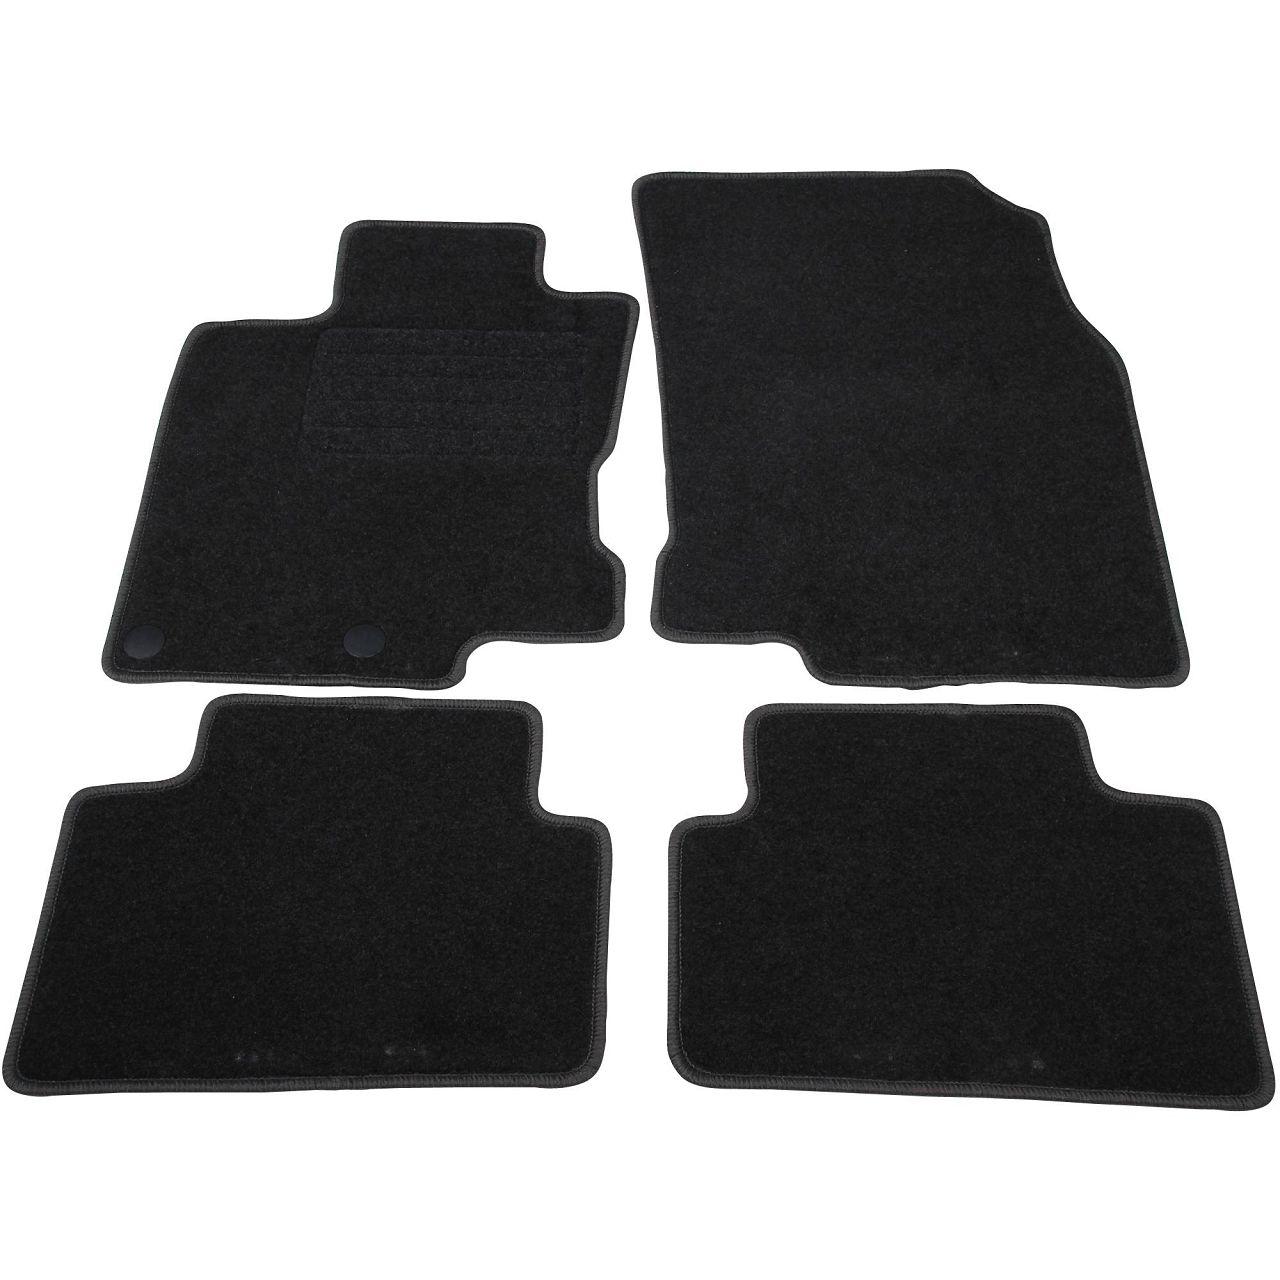 SCHÖNEK Veloursmatten Textilmatten Fußmatten NISSAN Qashqai II J11 5-Sitzer 4-tlg